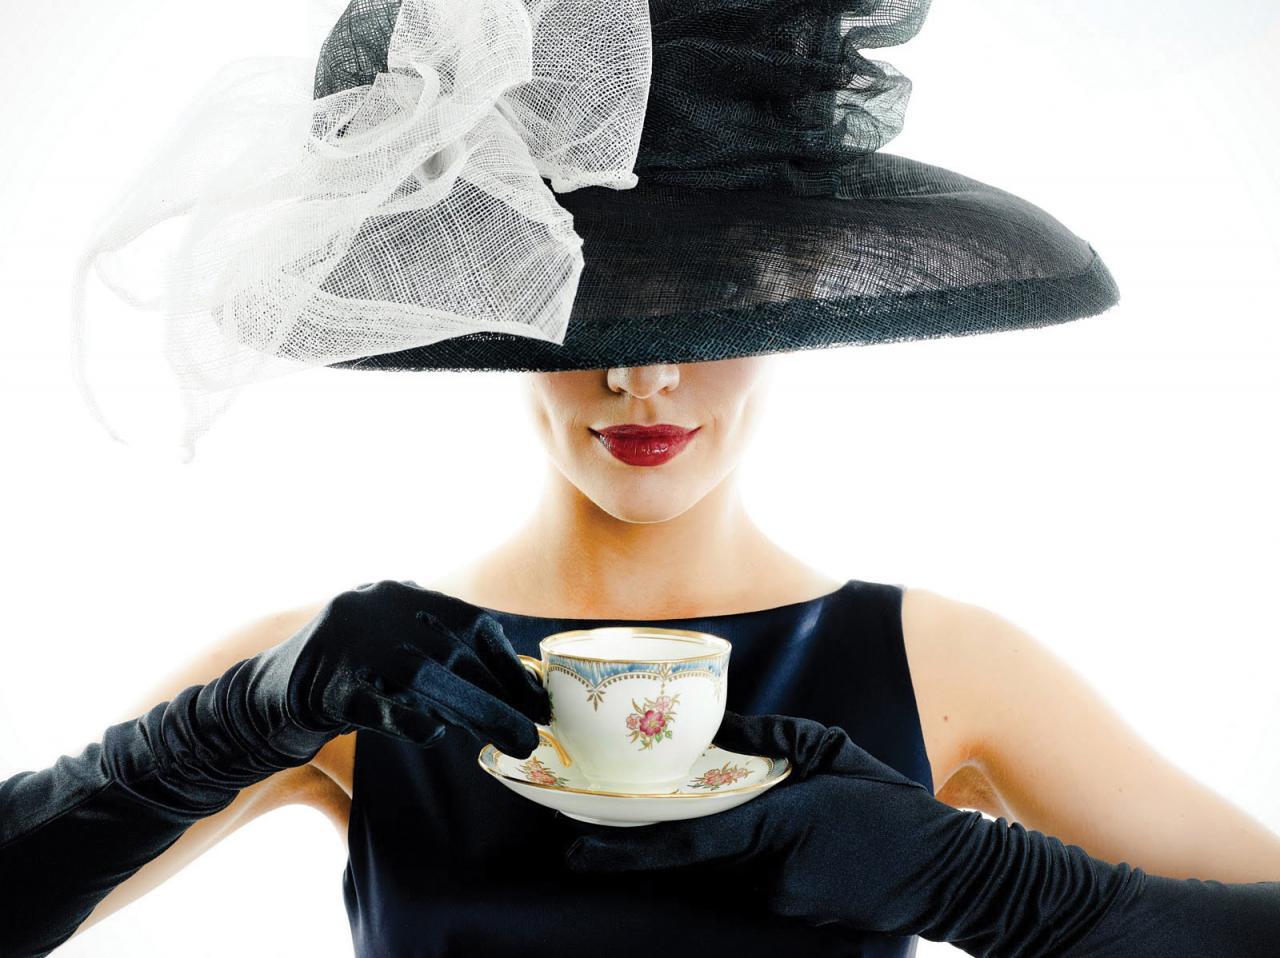 اتيكيت تقديم الشاي اهم خطوات اتيكيت تقديم الشاي للضيوف ازاي